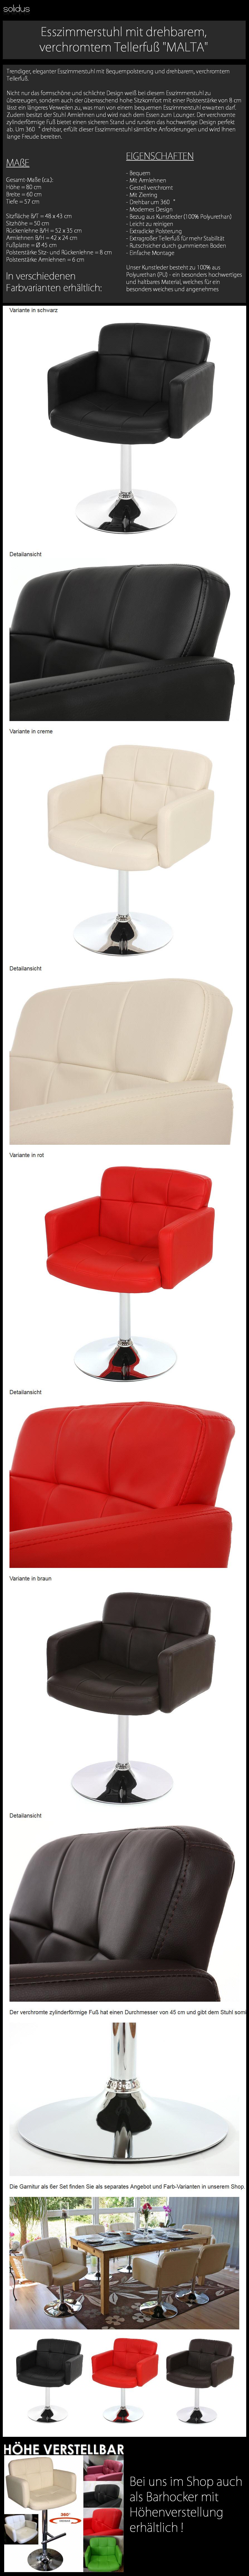 Esszimmerstuhl Drehbar Armlehnen Stuhle Stuhl Esszimmer Schwarz Rot Creme Braun Ebay